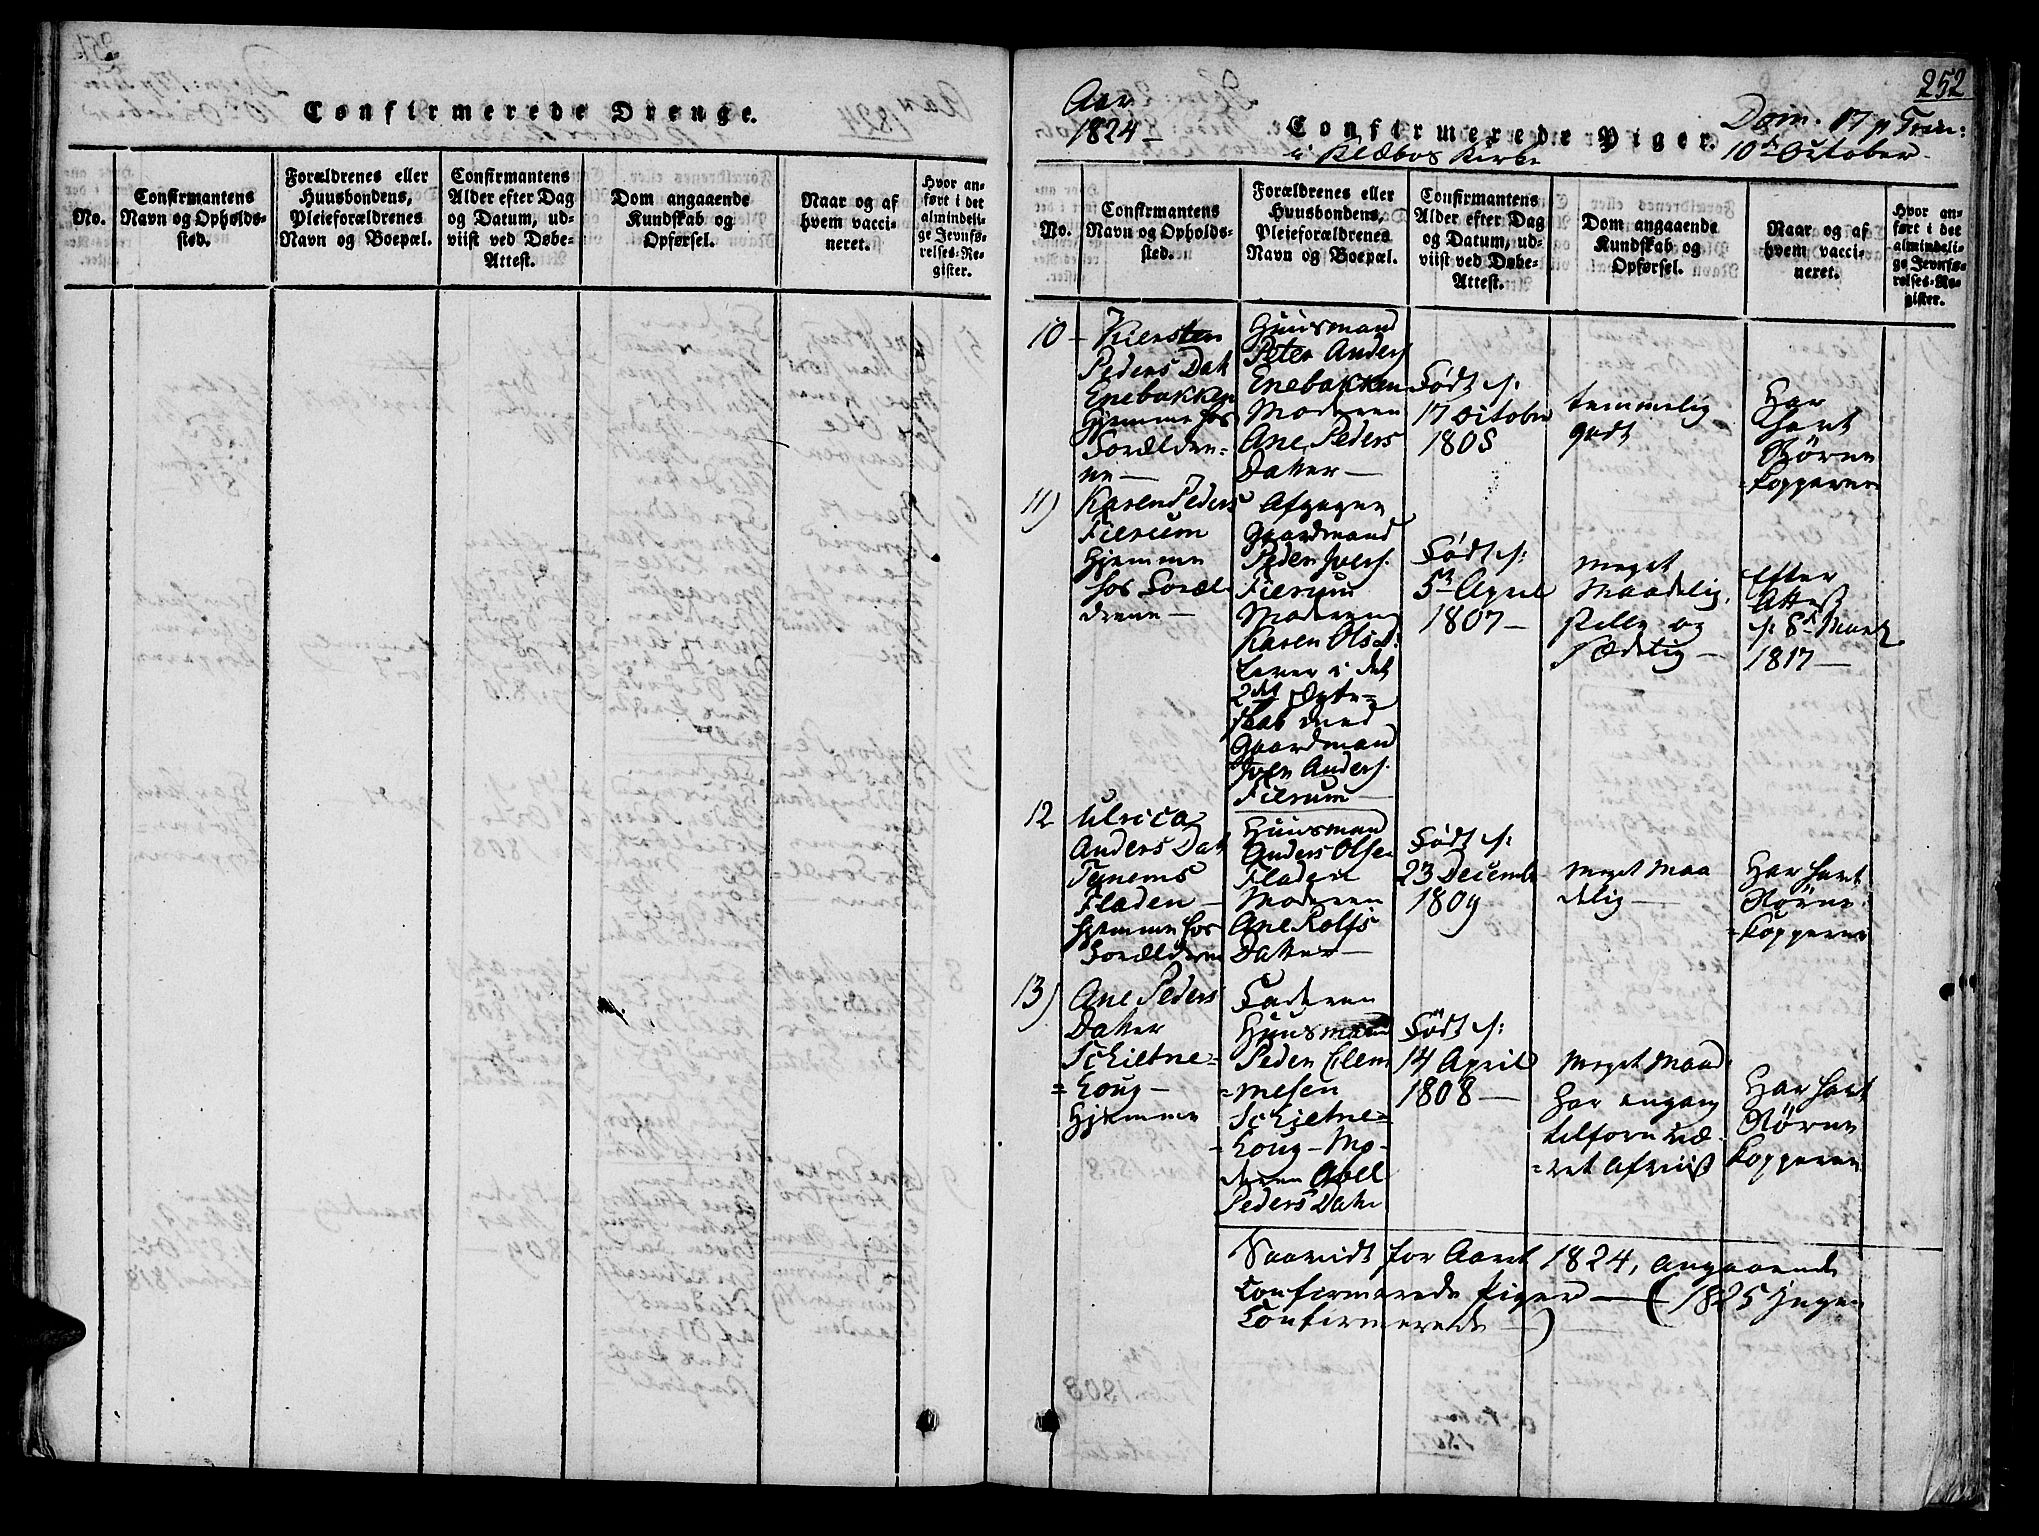 SAT, Ministerialprotokoller, klokkerbøker og fødselsregistre - Sør-Trøndelag, 618/L0439: Ministerialbok nr. 618A04 /1, 1816-1843, s. 252